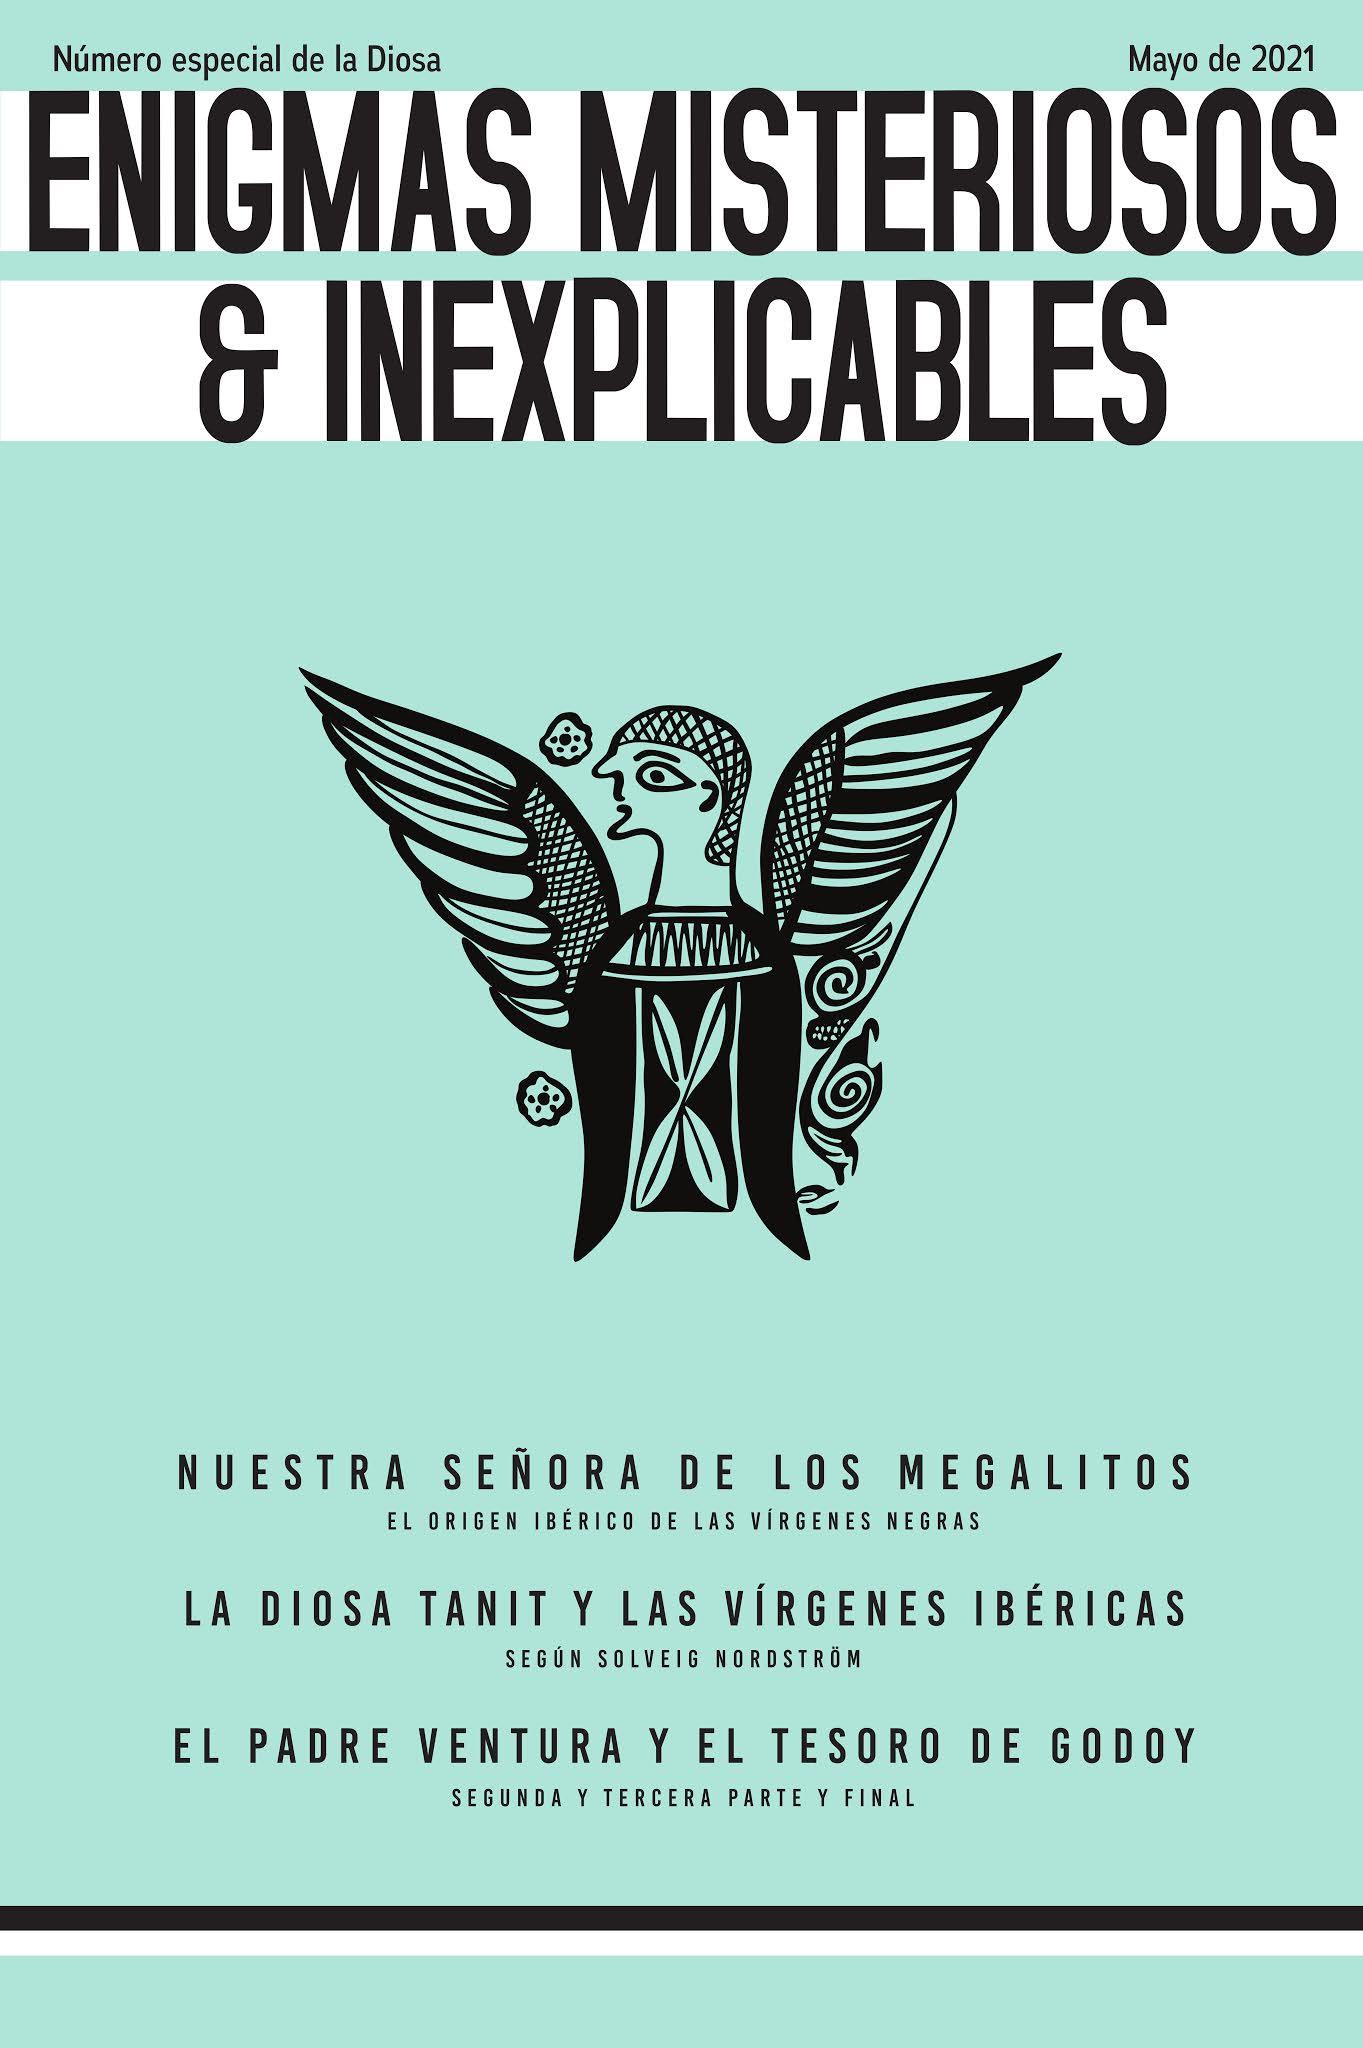 Revista Enigmas Misteriosos & Inexplicables / Número especial de la Diosa